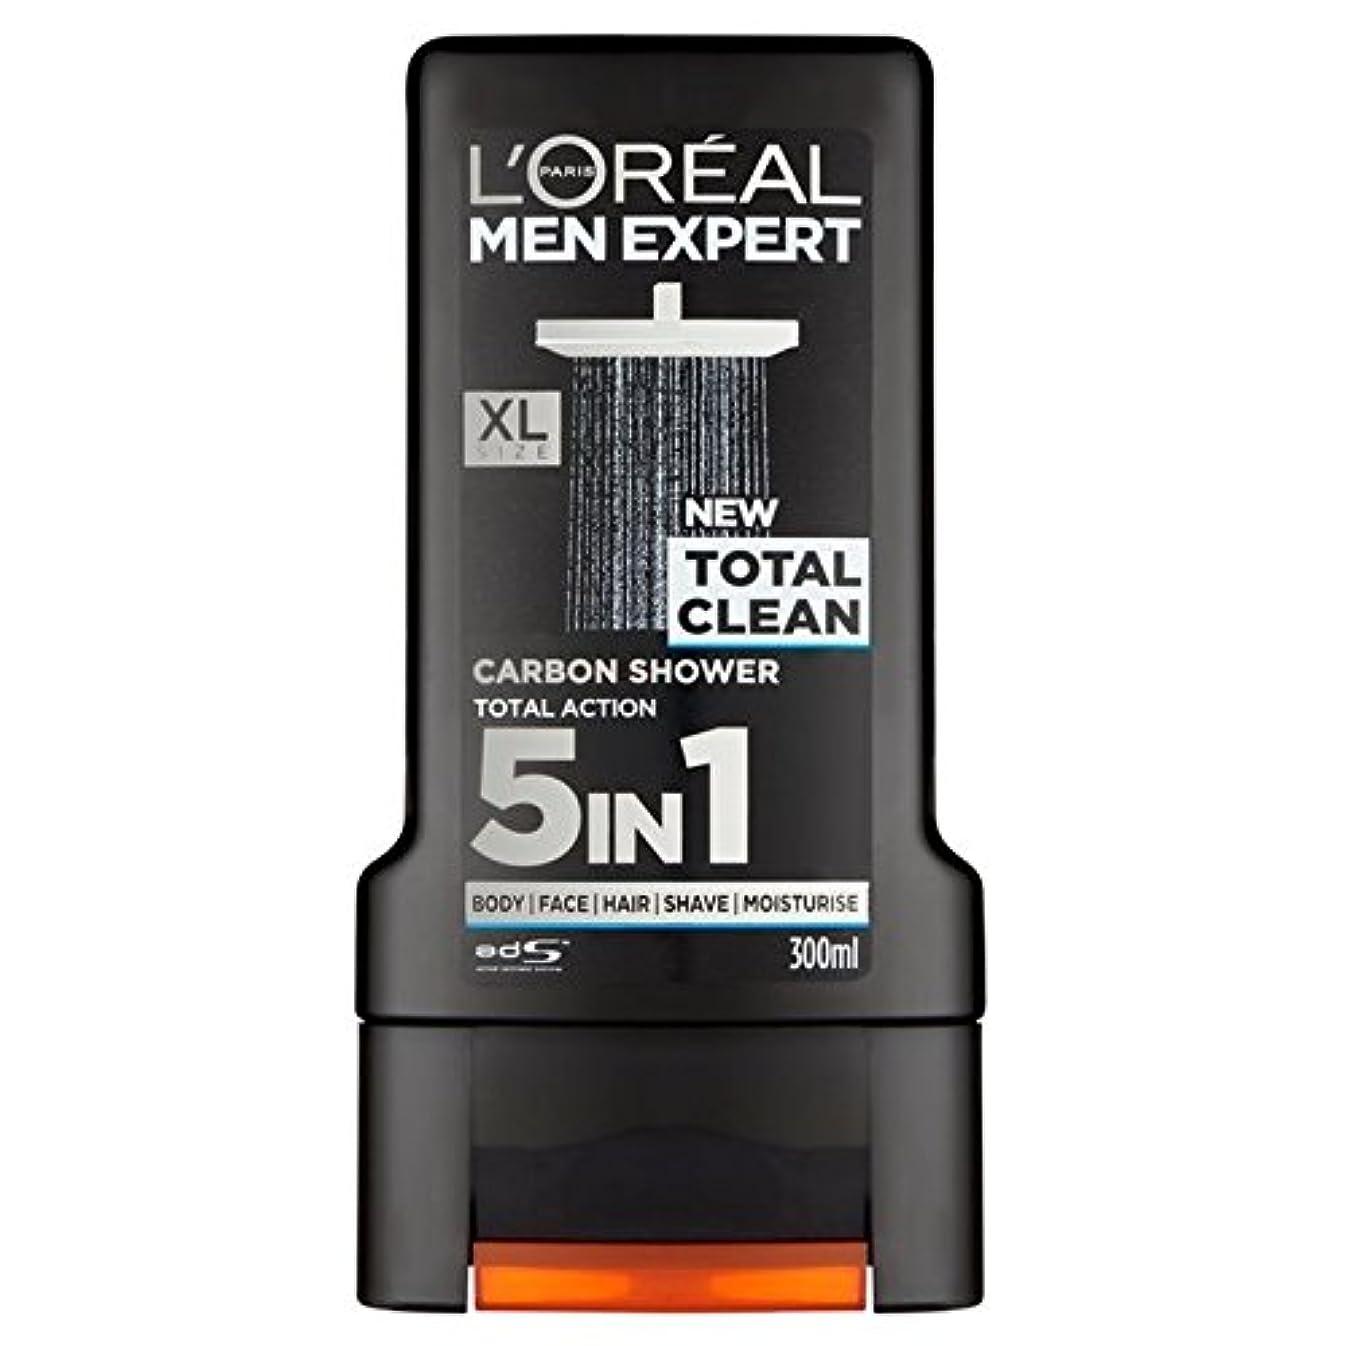 世紀永遠の議会ロレアルパリのメンズ専門トータルクリーンシャワージェル300ミリリットル x4 - L'Oreal Paris Men Expert Total Clean Shower Gel 300ml (Pack of 4) [並行輸入品]